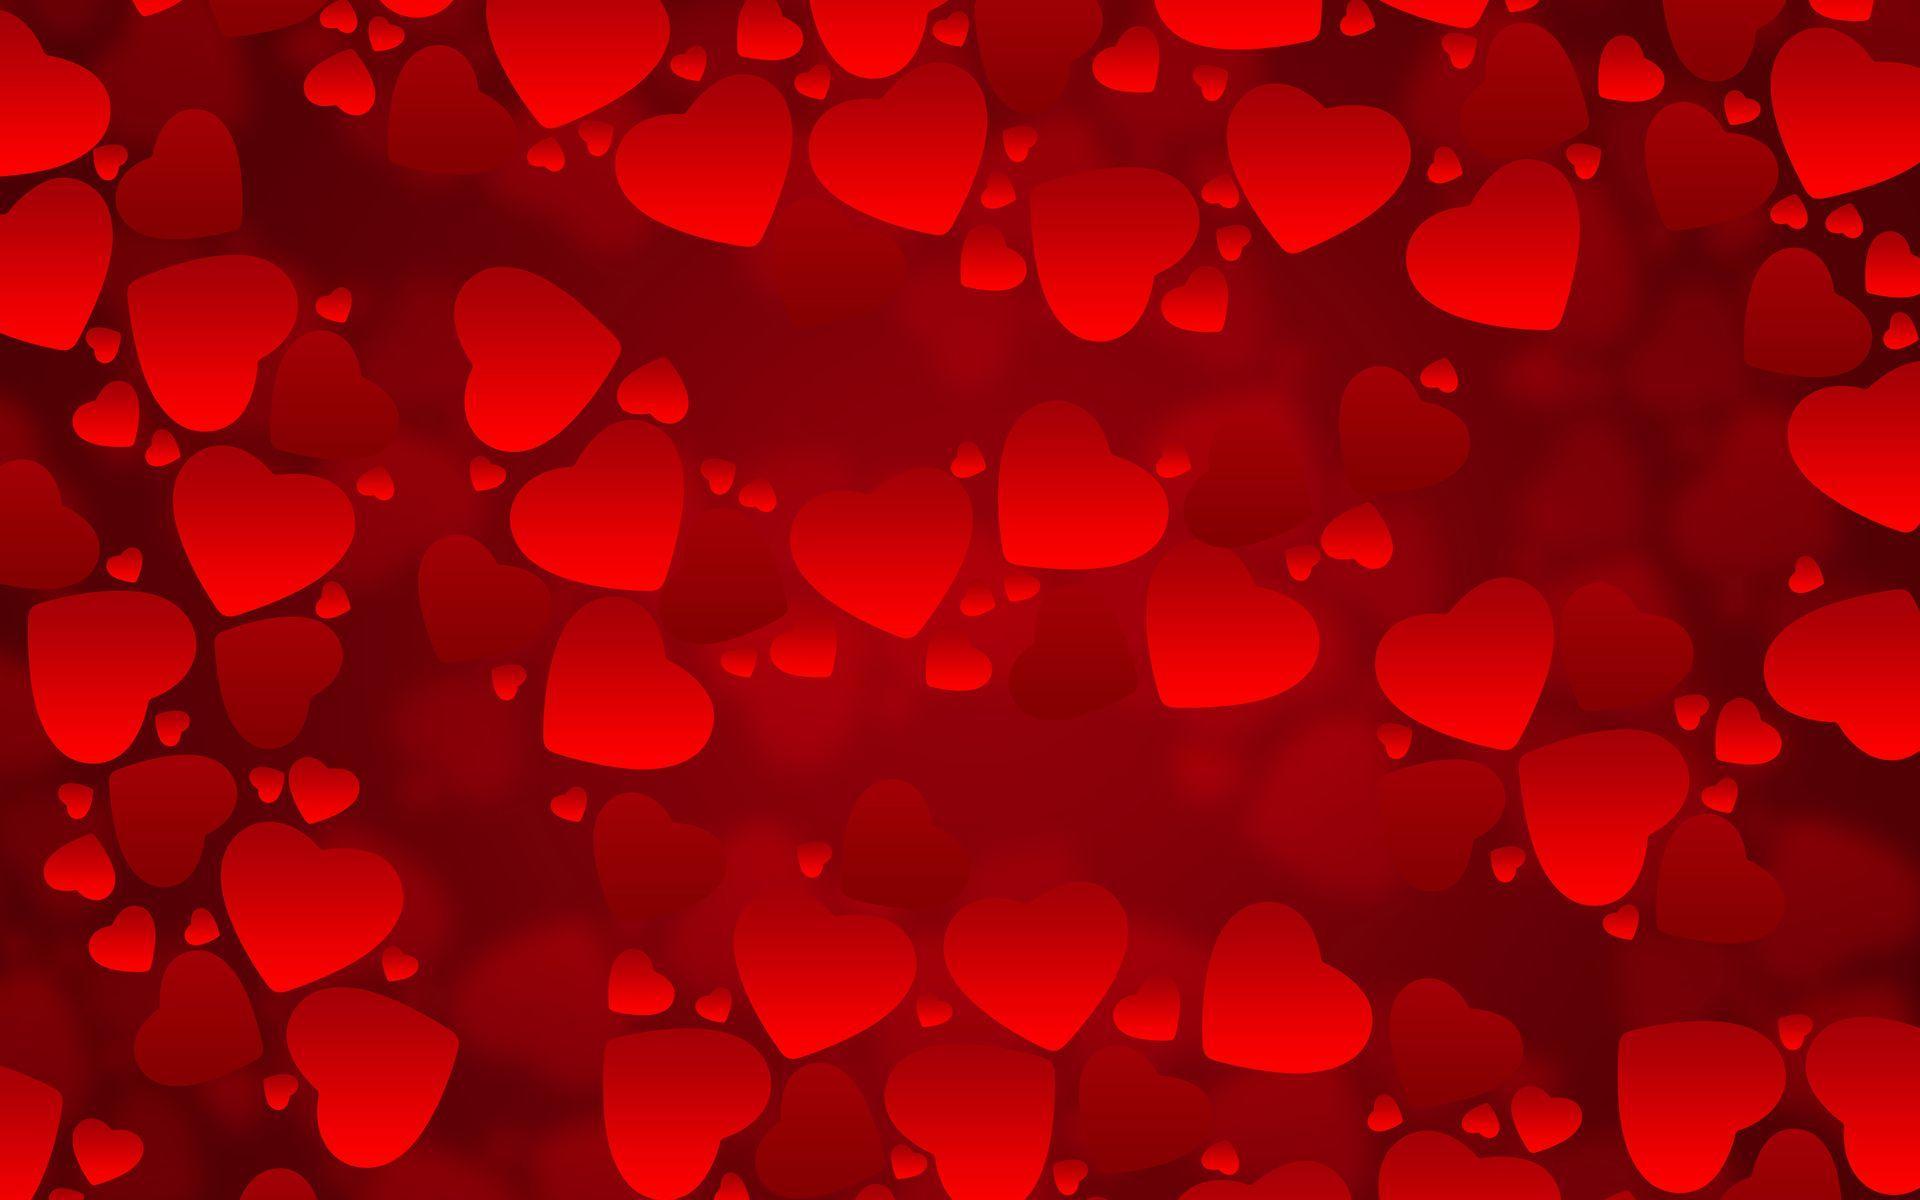 هل للحب معنى واحد في كل لغات العالم؟